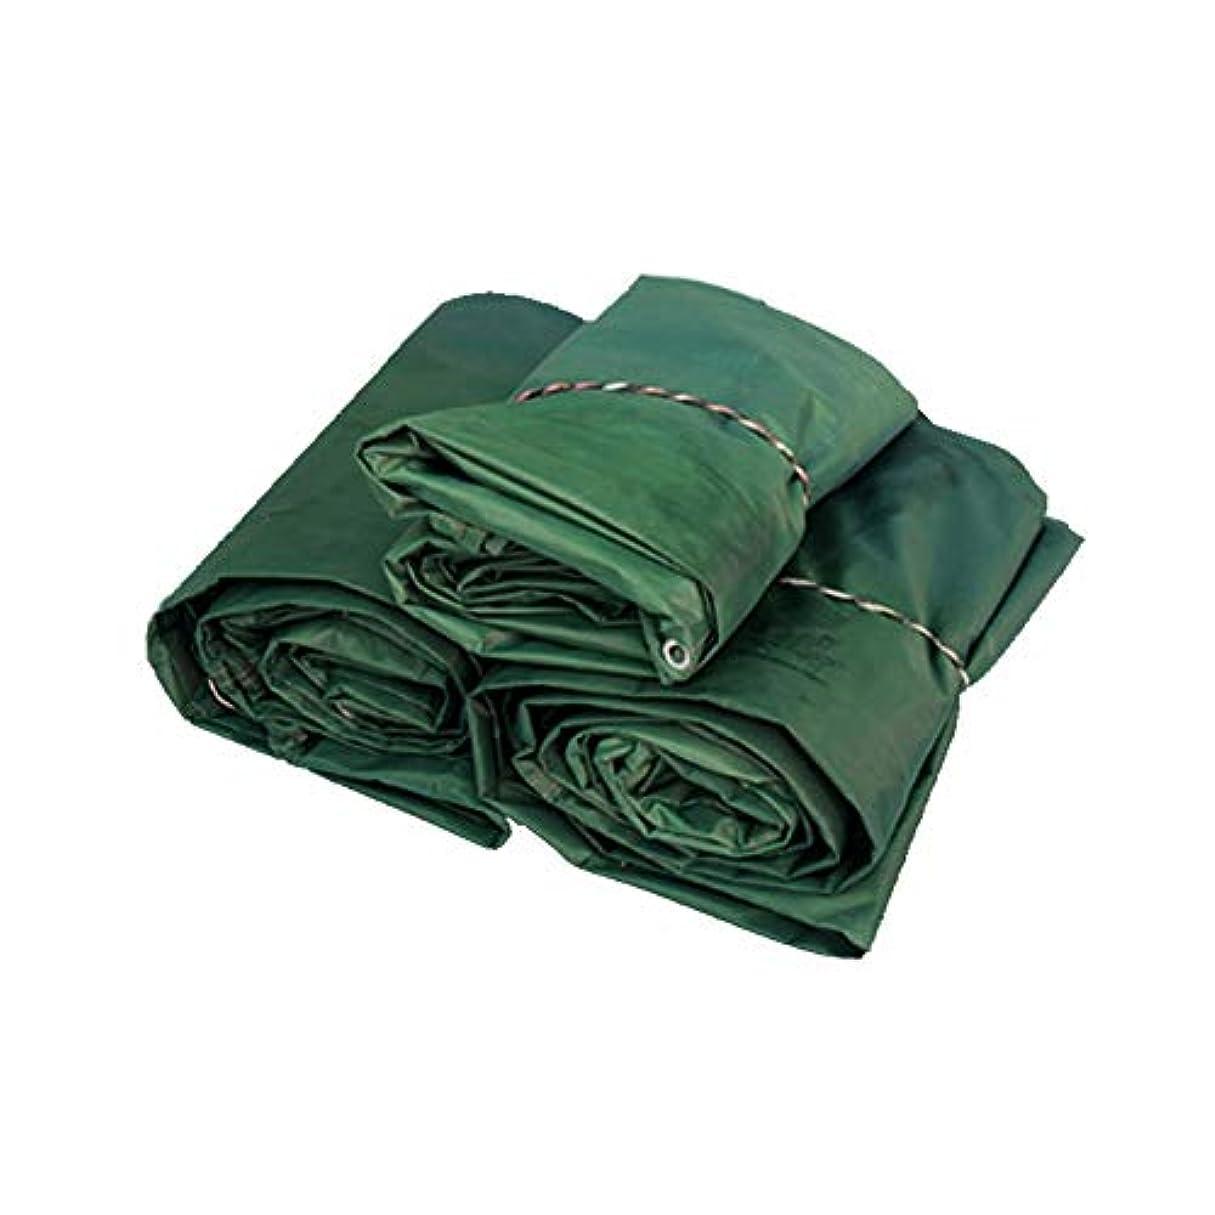 シーン肥料ほめるZX タープ ターポリン 厚くする レインプルーフ 布 日焼け止め アウトドア キャノピー 車 布 プラスチック テント アウトドア (色 : 緑, サイズ さいず : 3X4m)